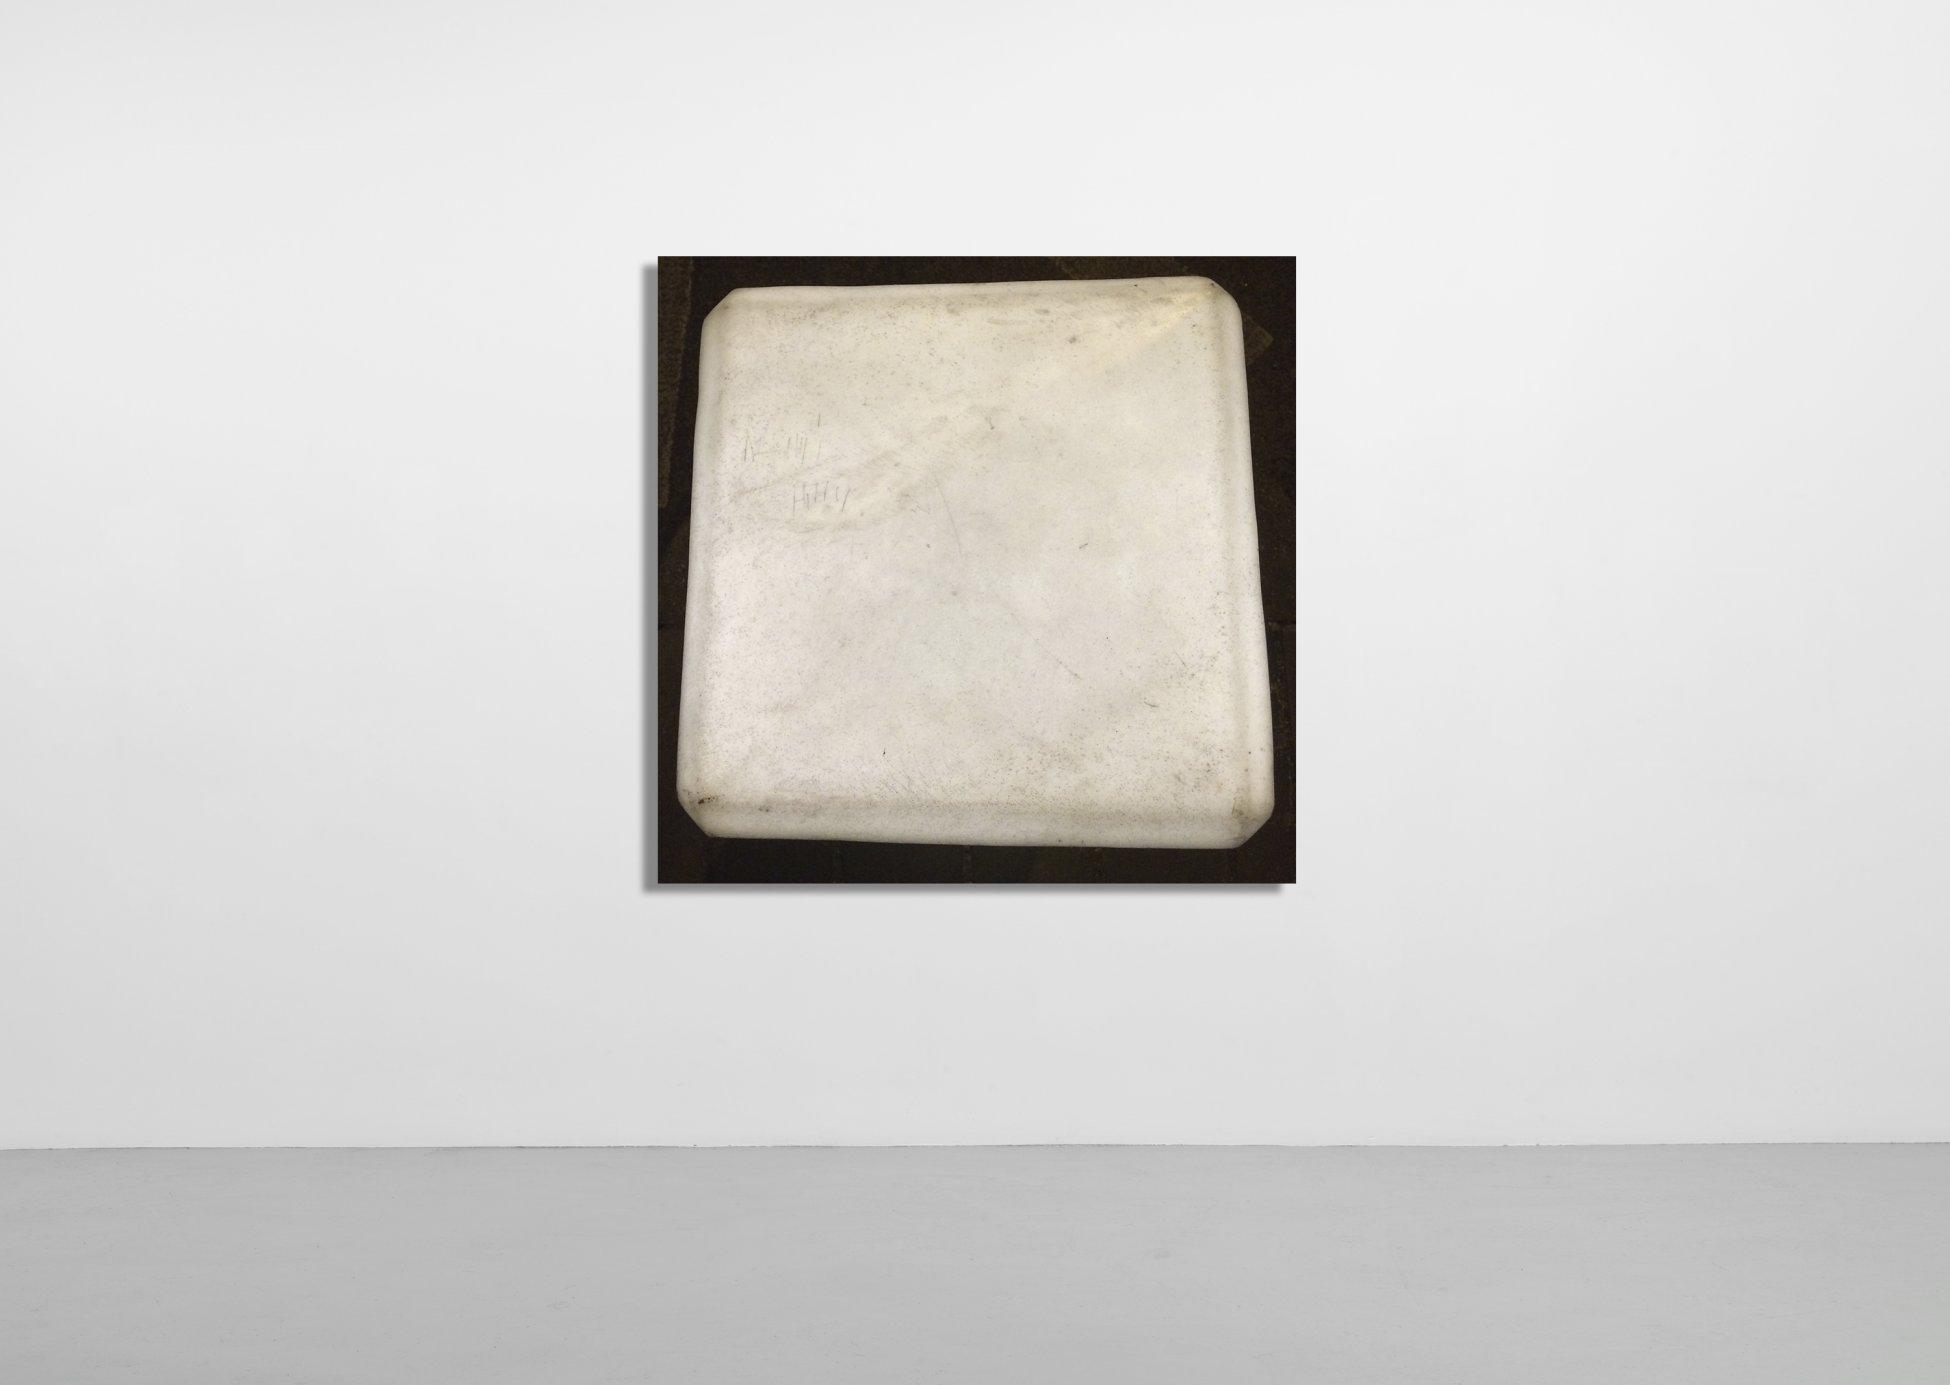 Kontrapunkt (2018) - Martim Brion